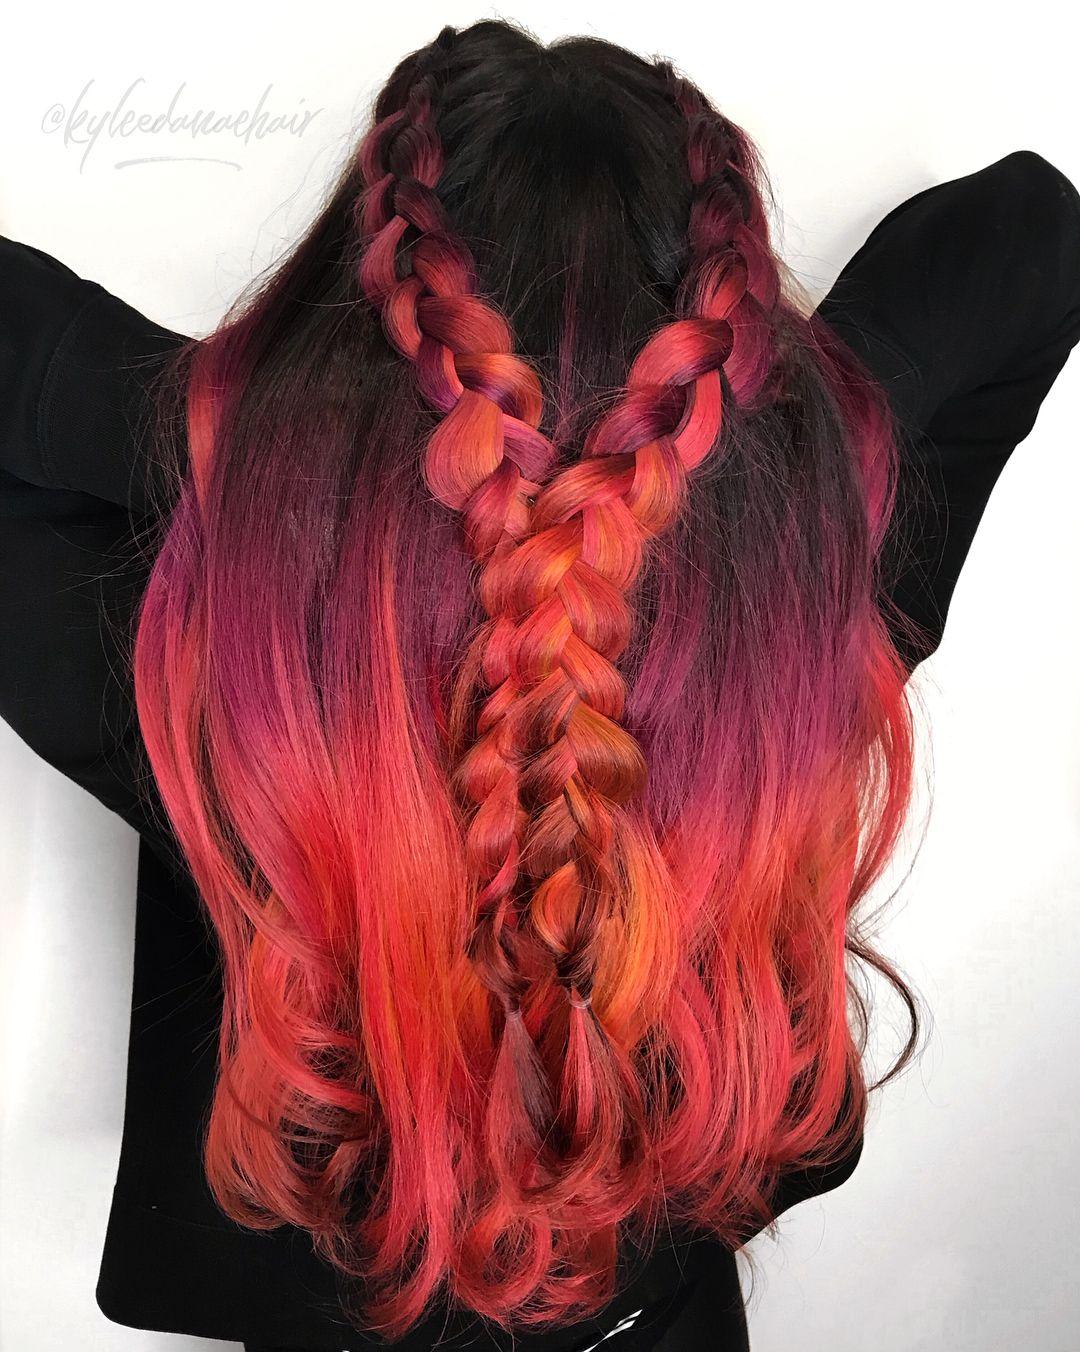 27+ Arctic fox hair color ideas ideas